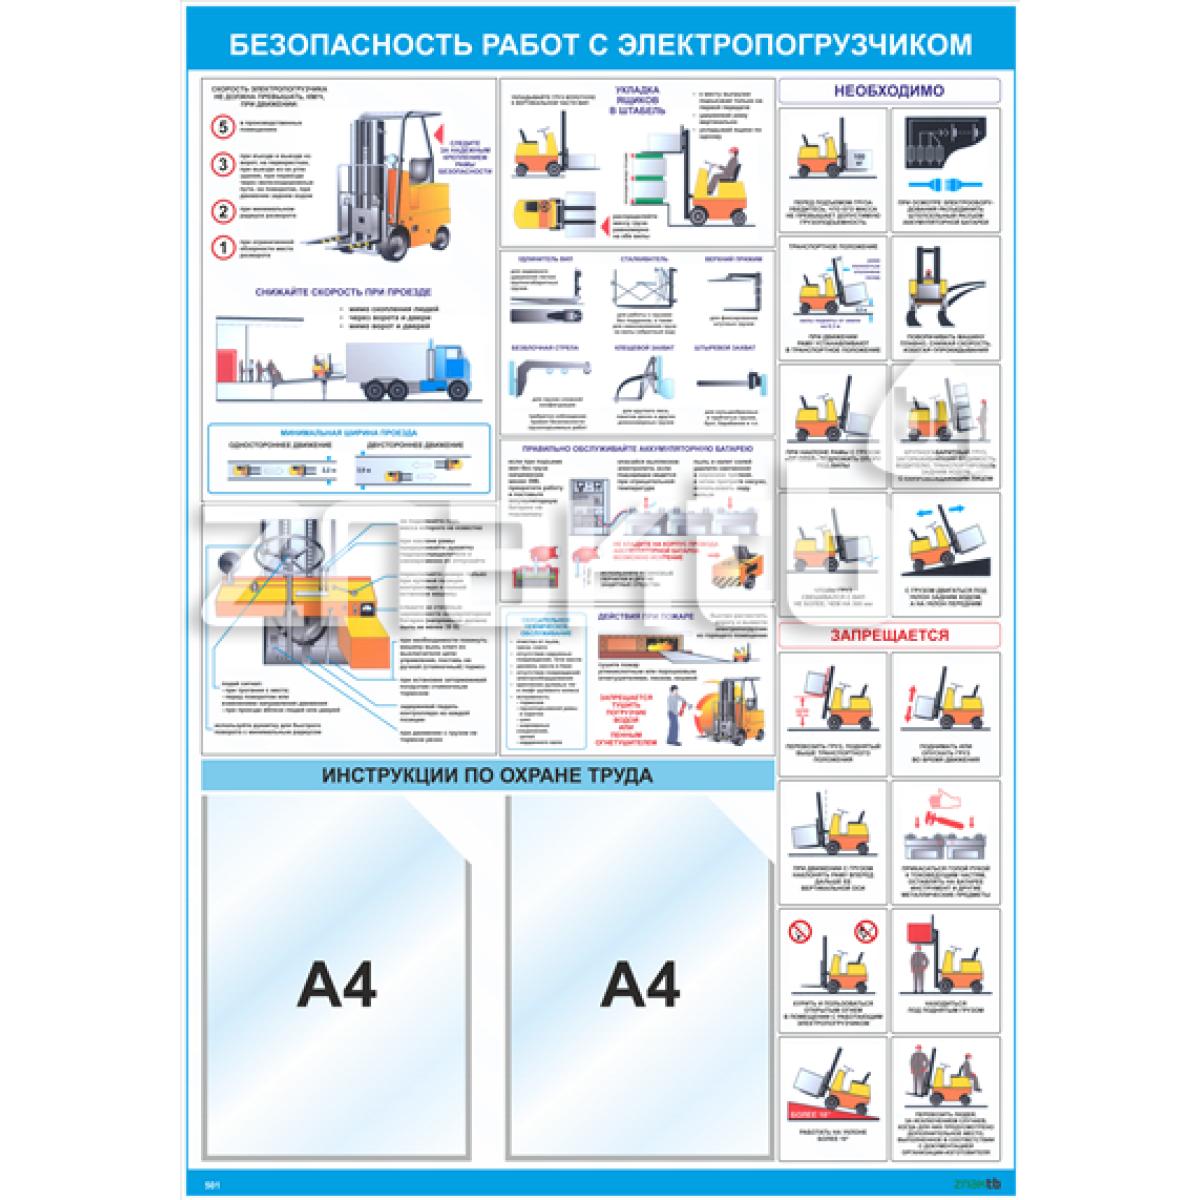 2501 Безопасность работ с электропогрузчиком (2 кармана А4)